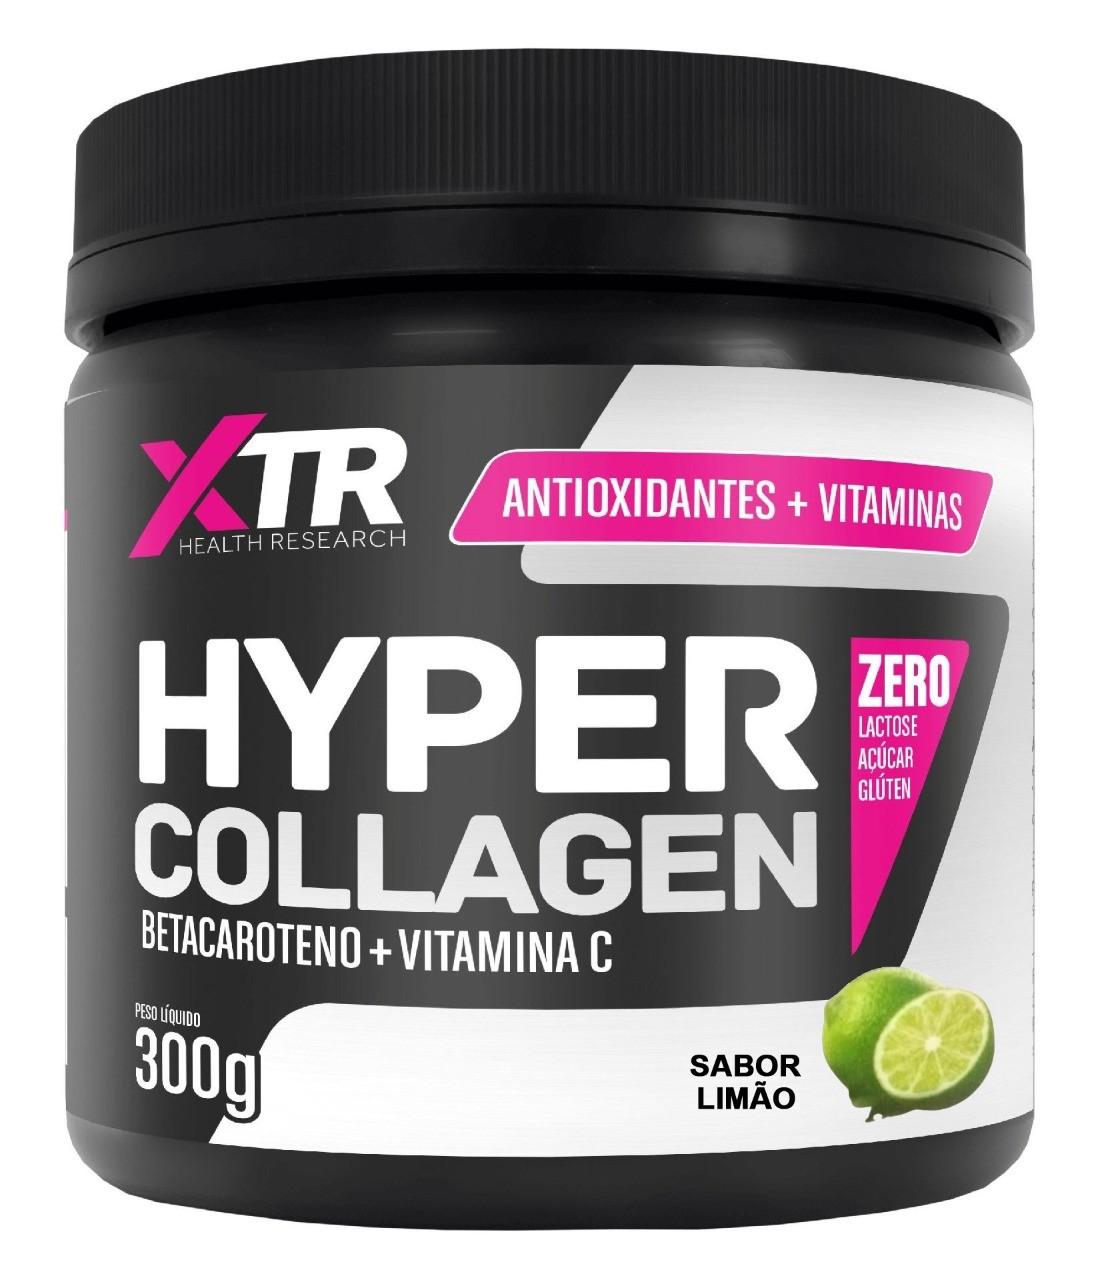 Hyper Collagen Betacaroteno + Vit C 300 G - XTR